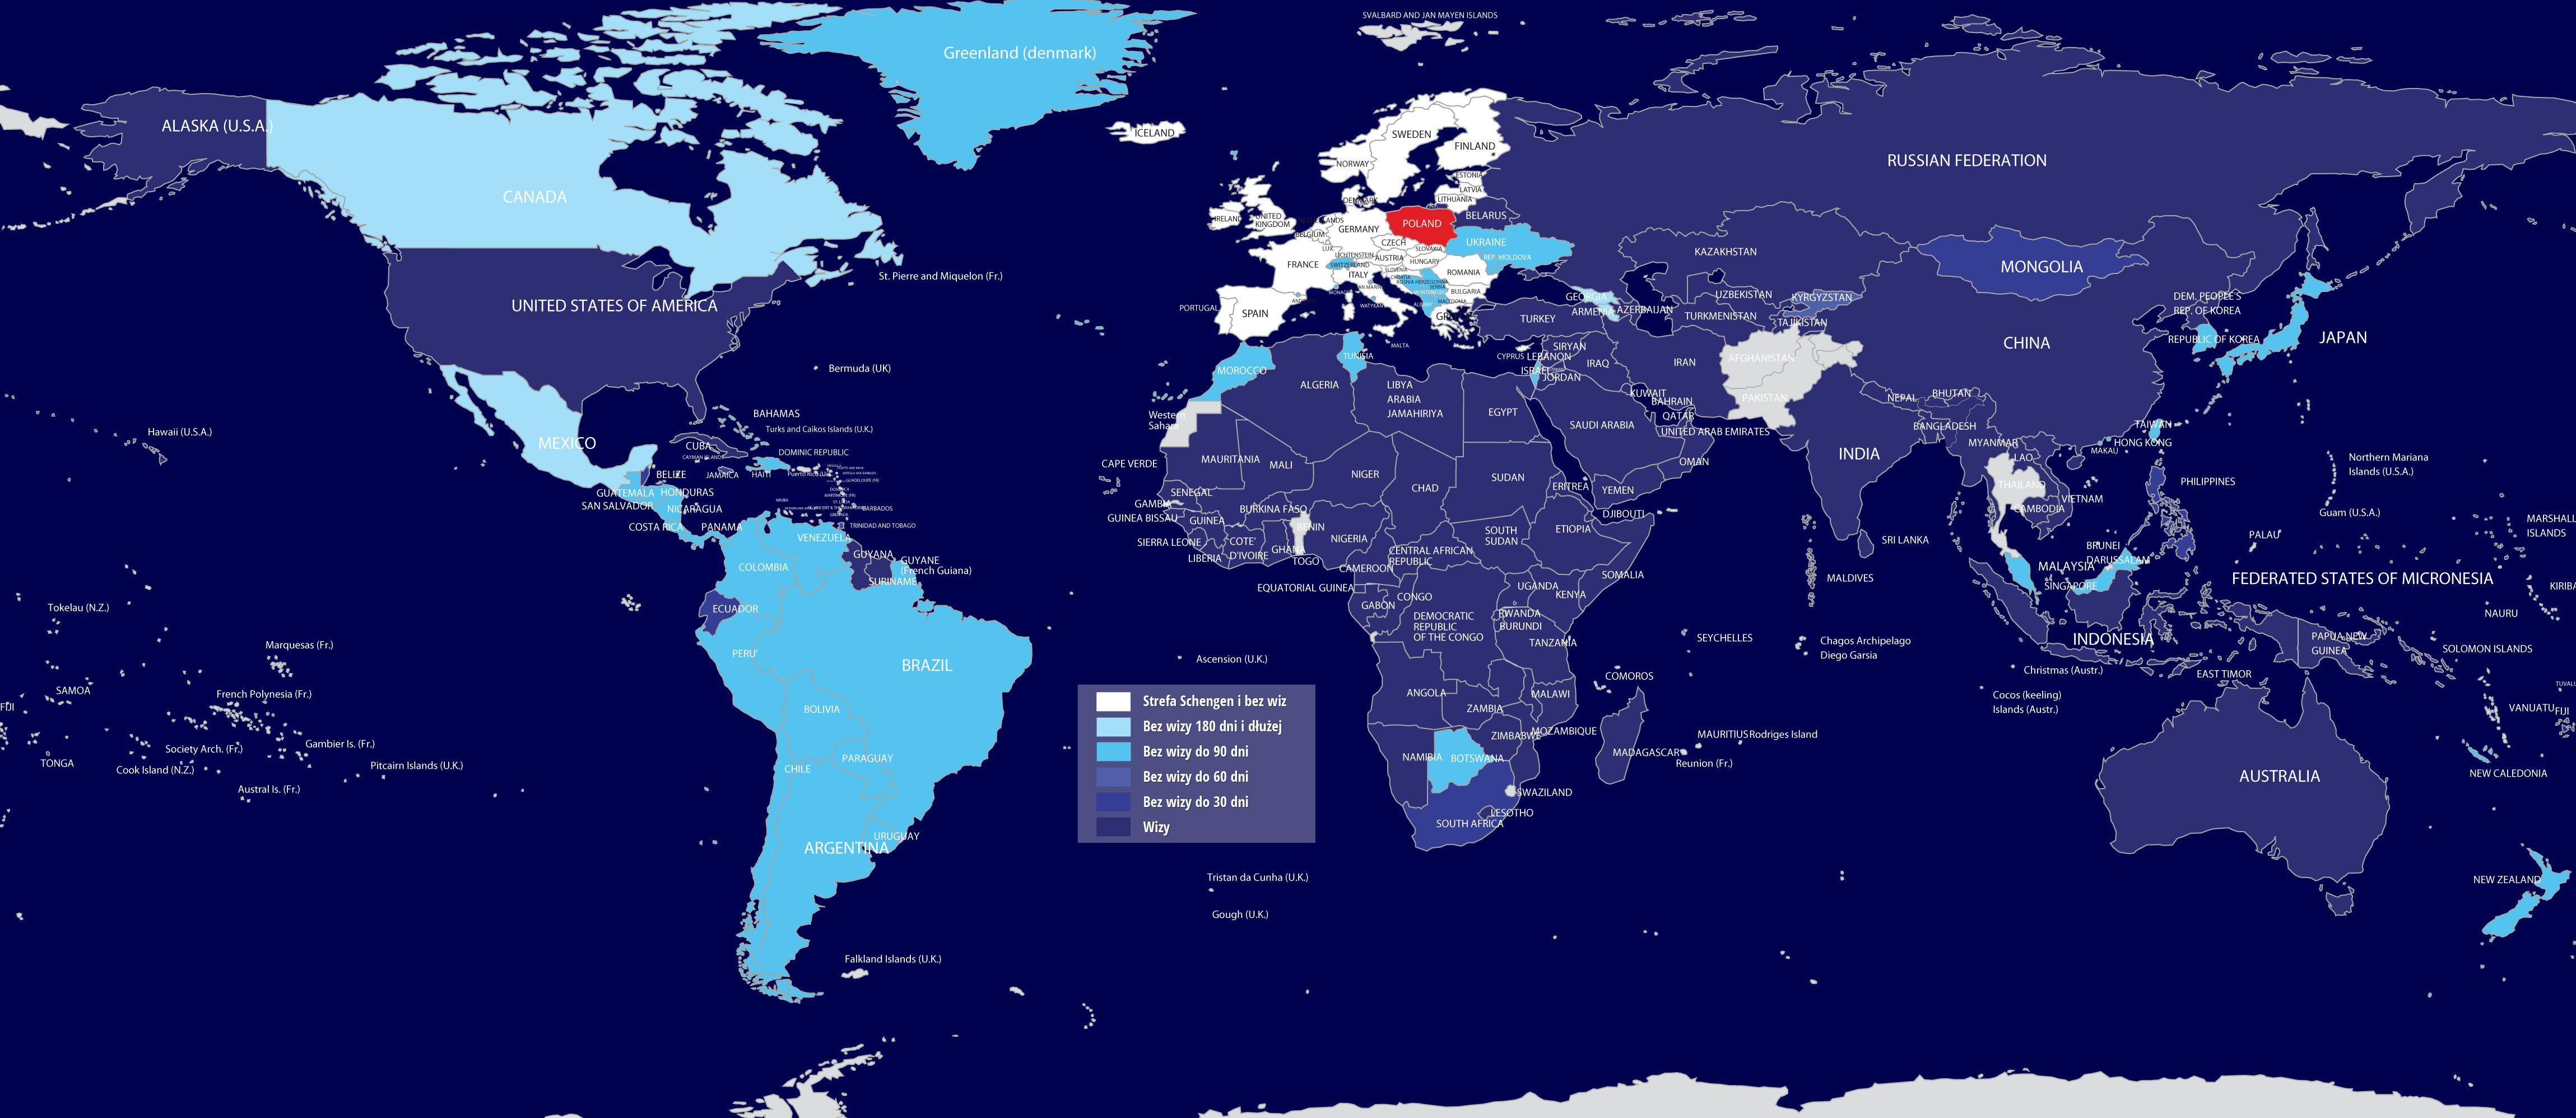 http://www.newsweek.pl/swiat/ktore-panstwa-chca-od-polakow-wizy-mapa-newsweek-pl,artykuly,343360,1.html